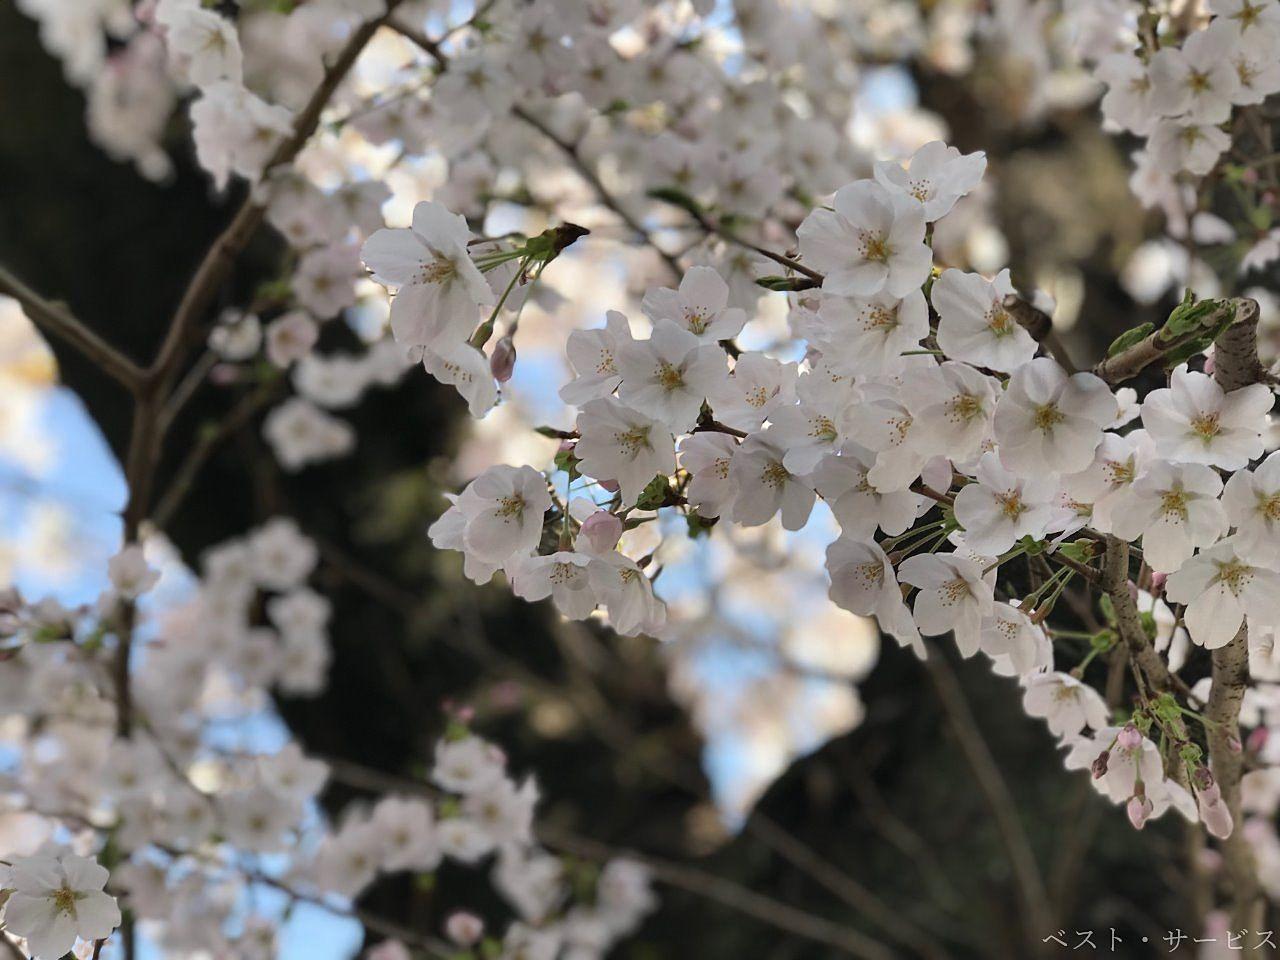 西川緑道公園に咲くソメイヨシノ